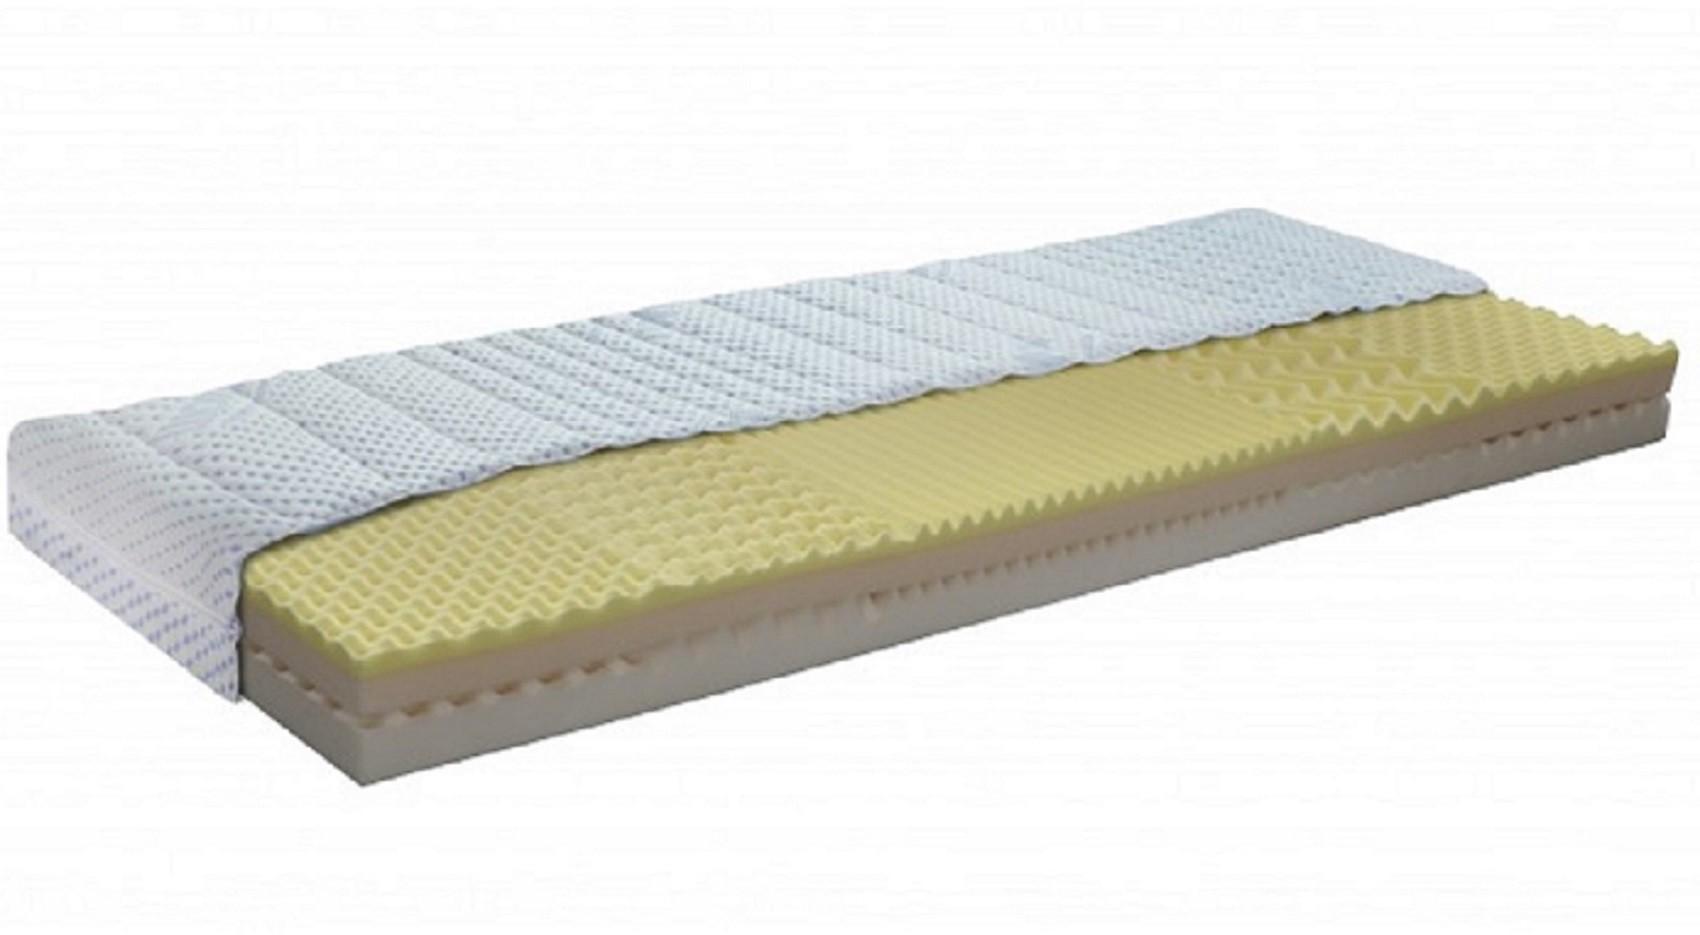 Moravia Comfort FENIX LUX - prispôsobivý stredne tuhý matrac hlavný matrac (90 x 200 cm) + operadlo (45+45 x 200 cm), snímateľný poťah